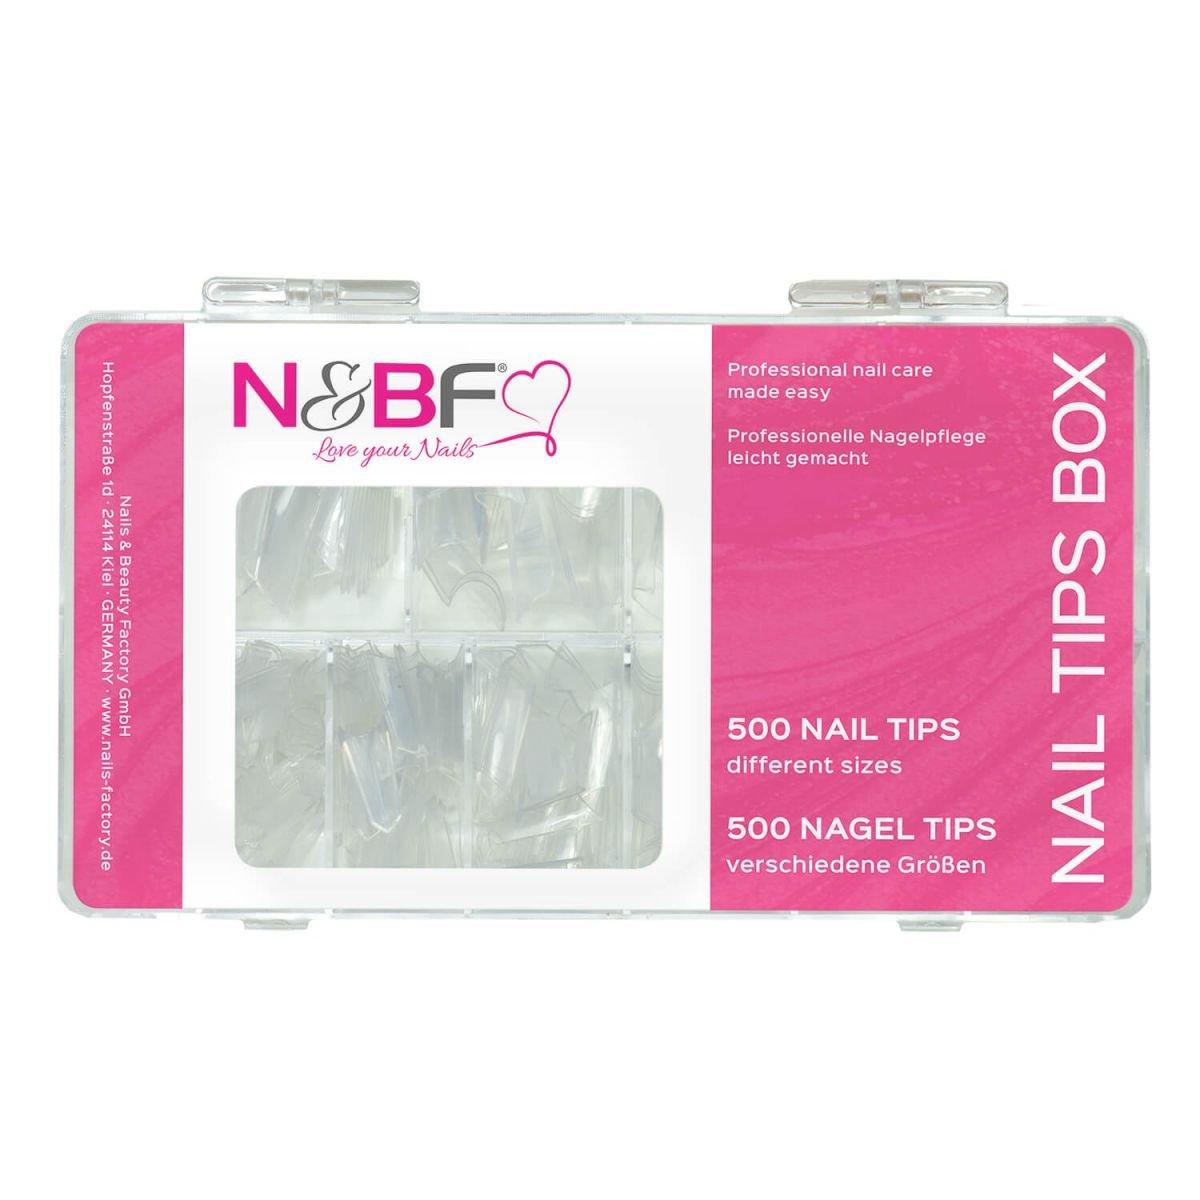 N&BF Edge Nagel Tips clear Sortierbox 500 Stück für Gelnägel & Nagellack - Deko Schmuck & Nageldesign Accessories Nail Art Kunstnägel Nageltips Nail Extension 10 Größen für Ihr Nageldesign NAILS FACTORY